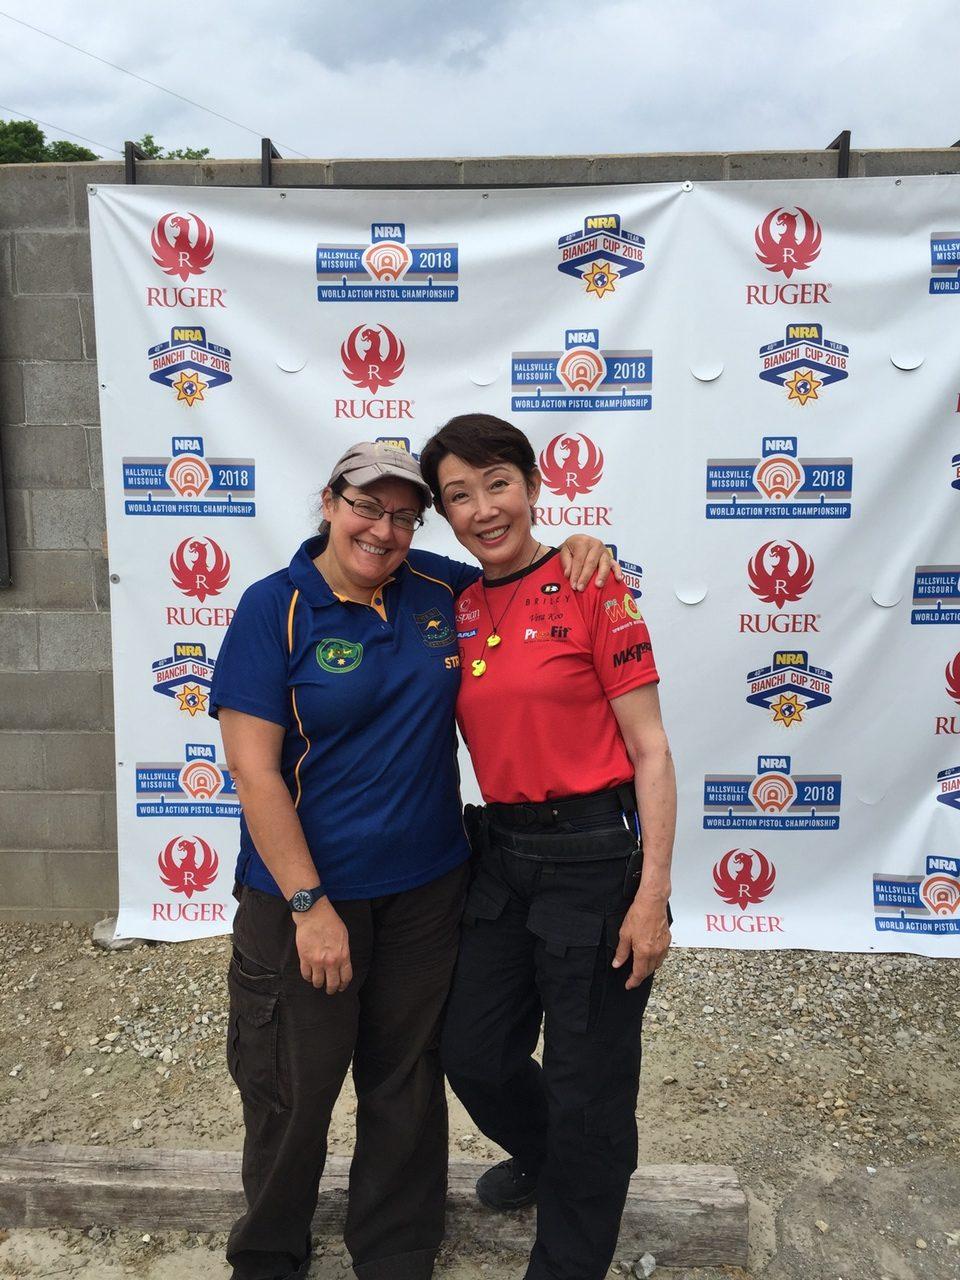 Anita Mackiewicz - 2018 Bianchi Cup Woman Champion